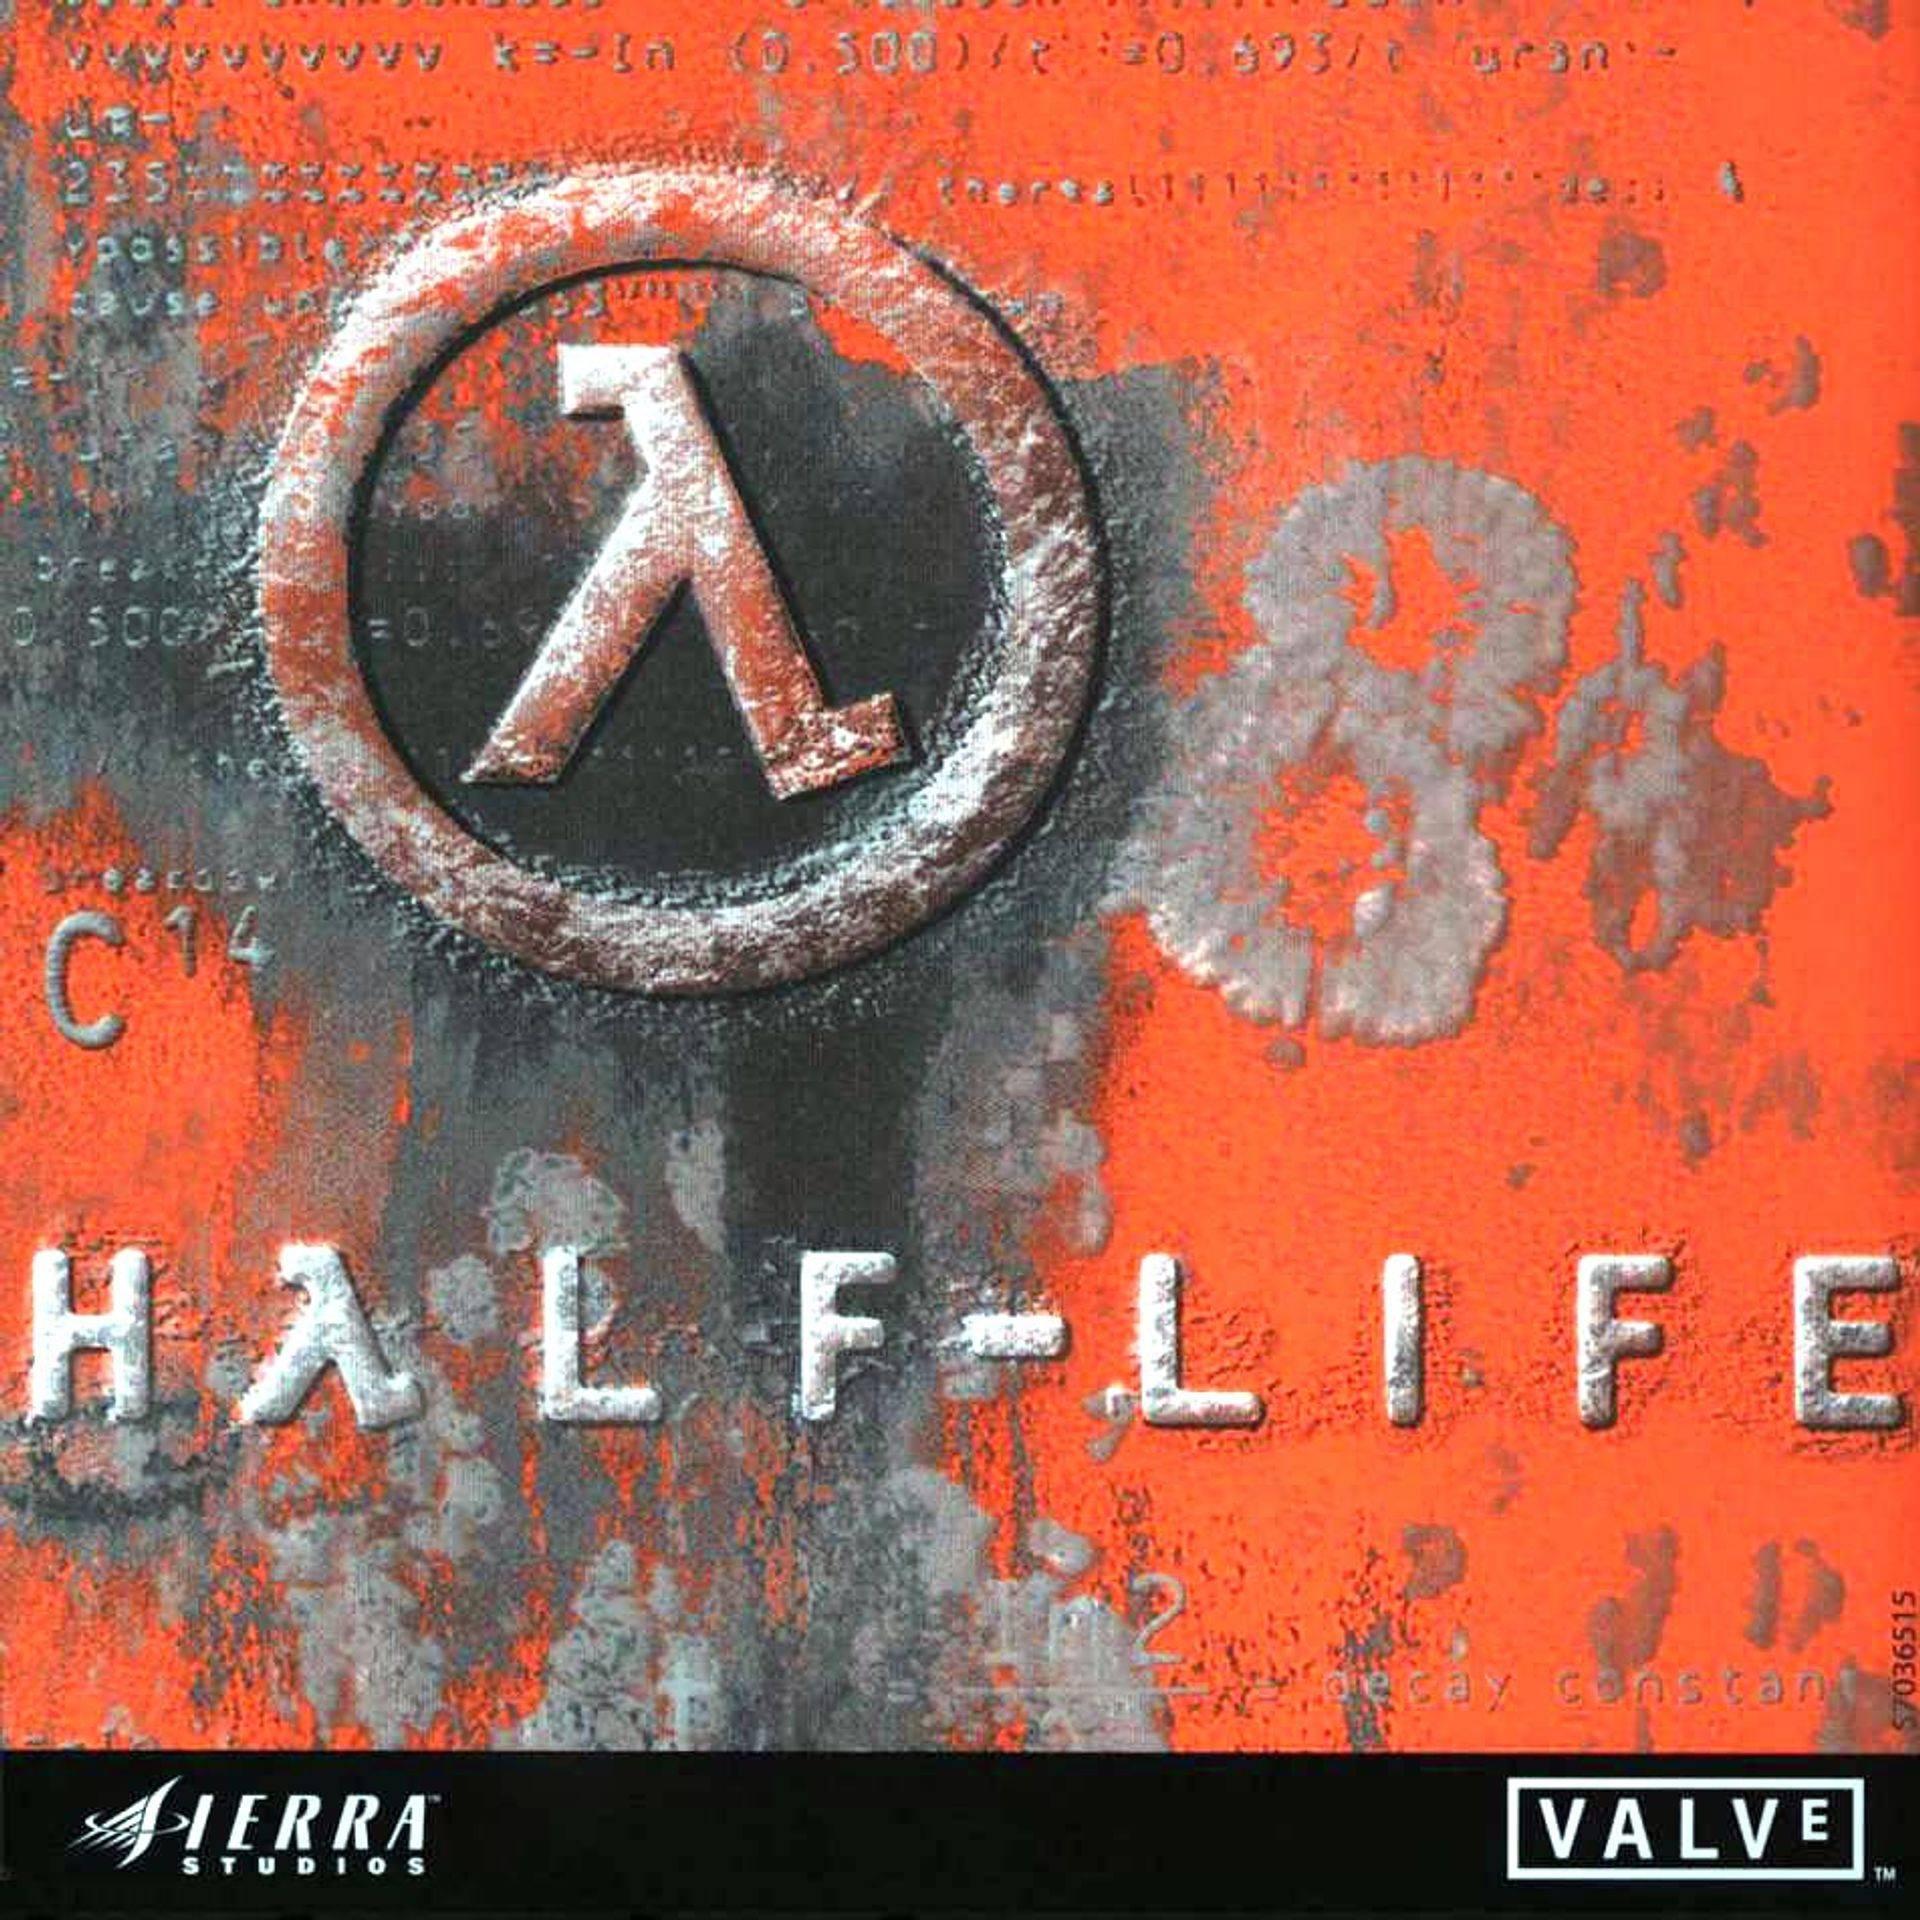 Коллекцию игр half-life 2: the orange box для playstation 3 коллекцию игр half-life 2: the orange box для xbox 360